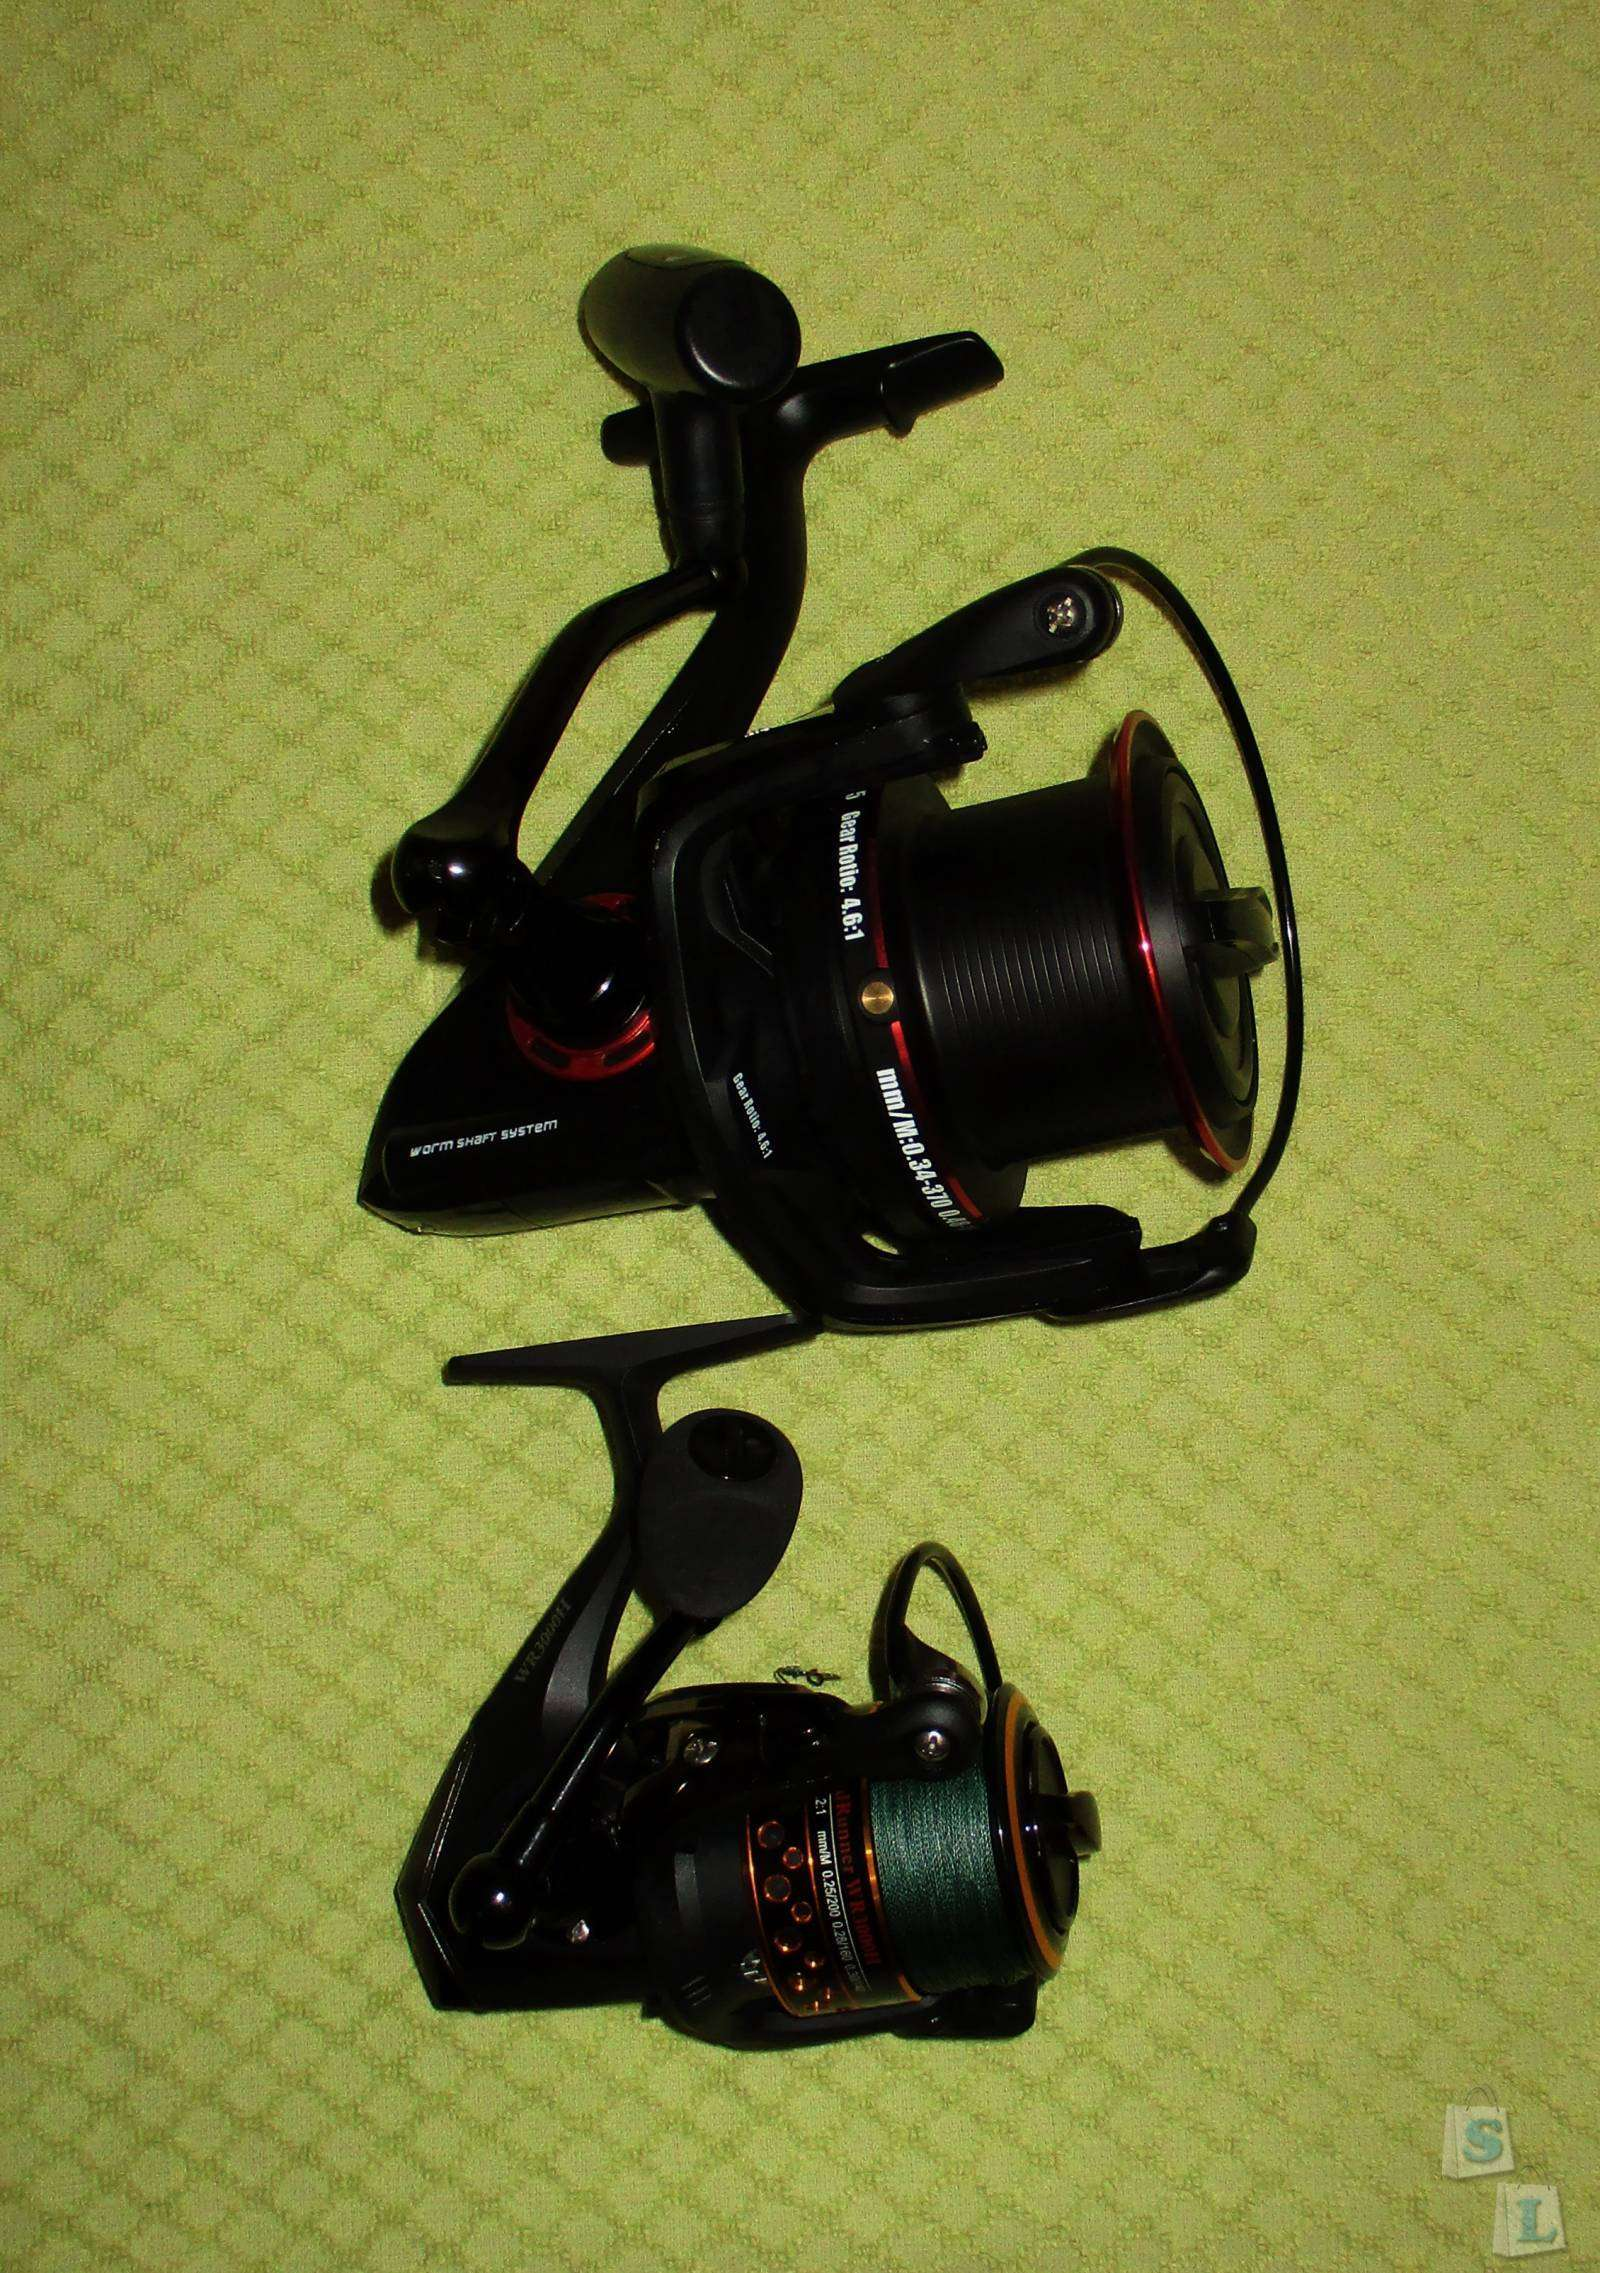 GearBest: Рыболовная катушка COONOR YF9000 с запасной шпулей